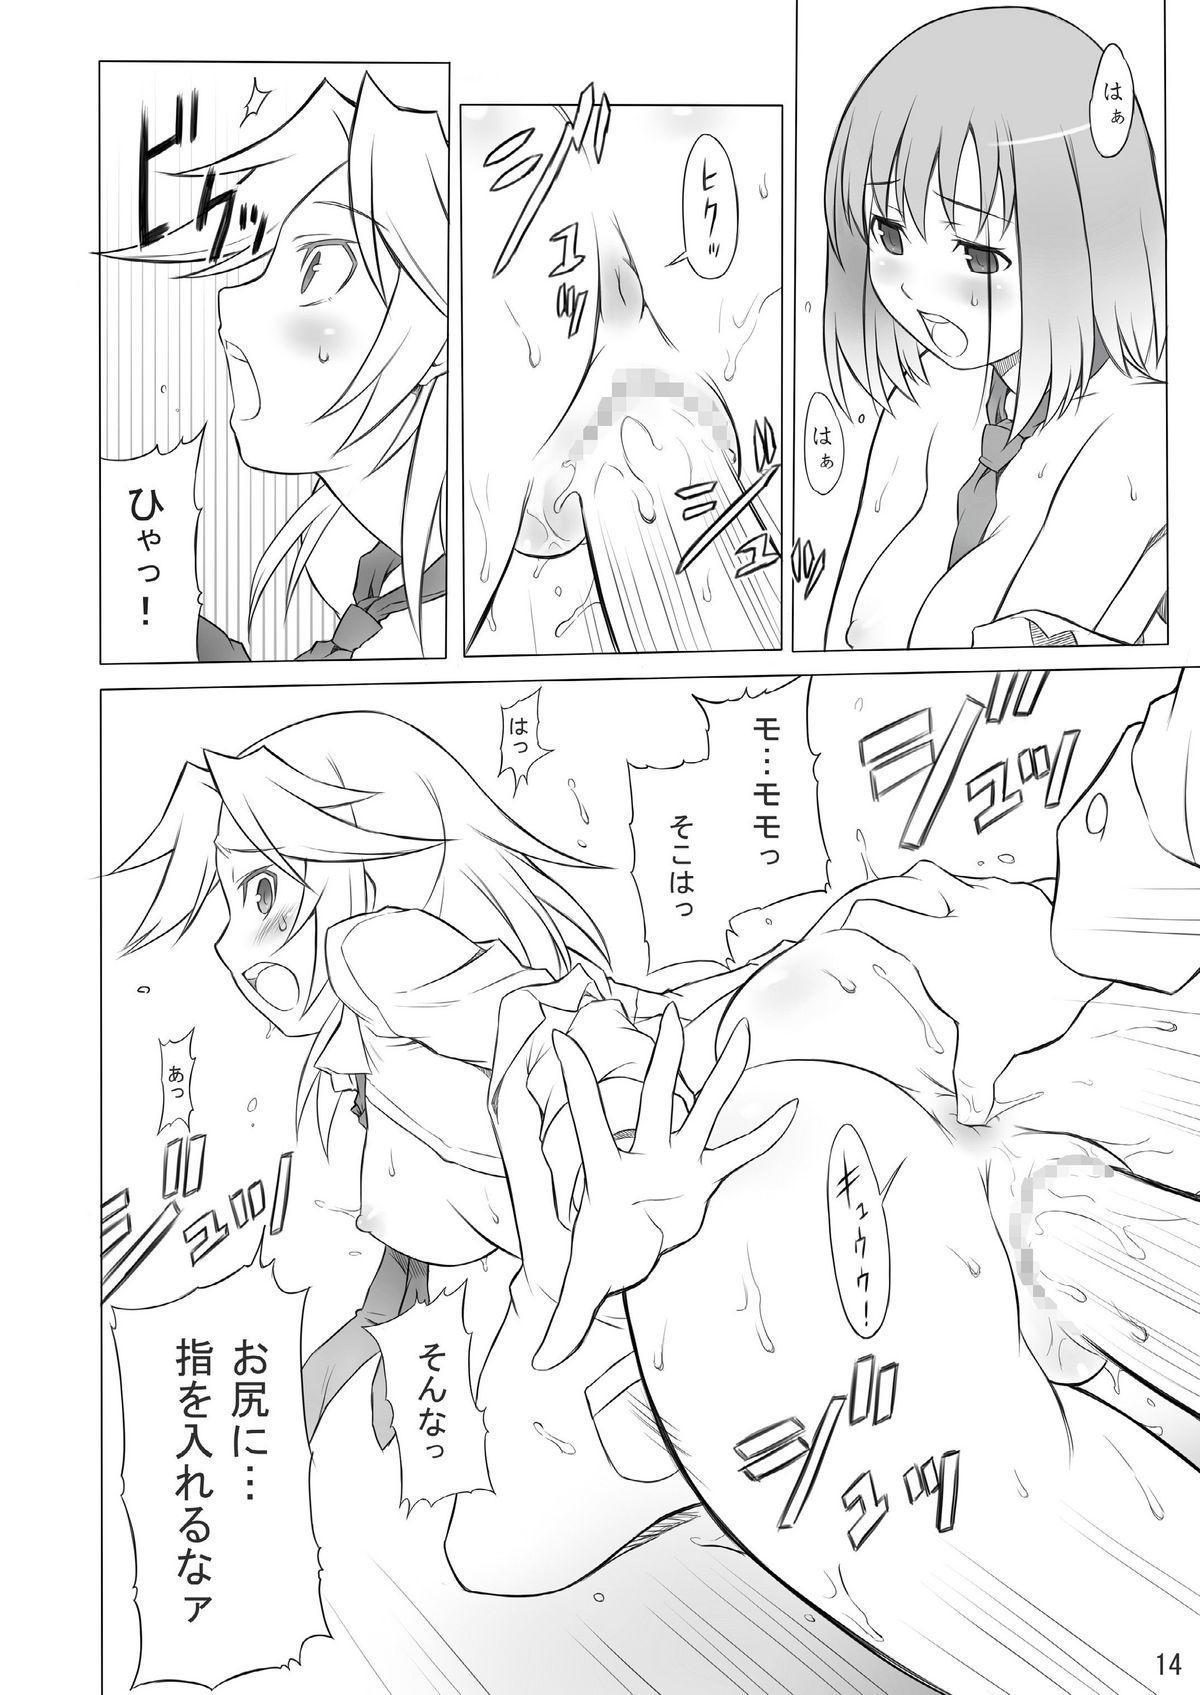 Kaju x Momo Tsukan no Hon 12